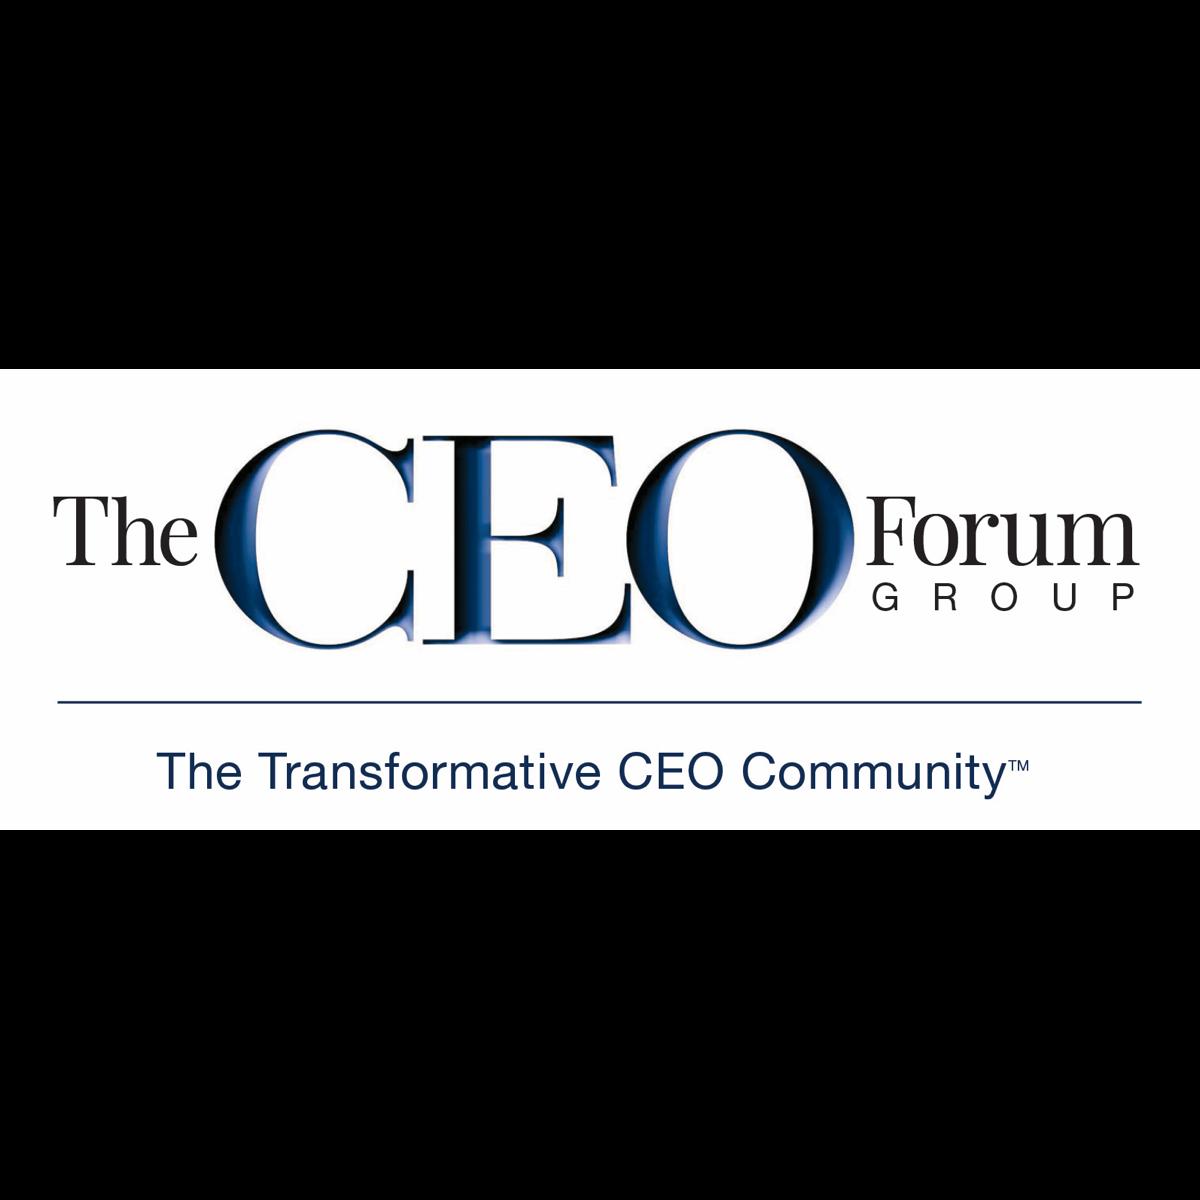 ceo-forum_group_logo